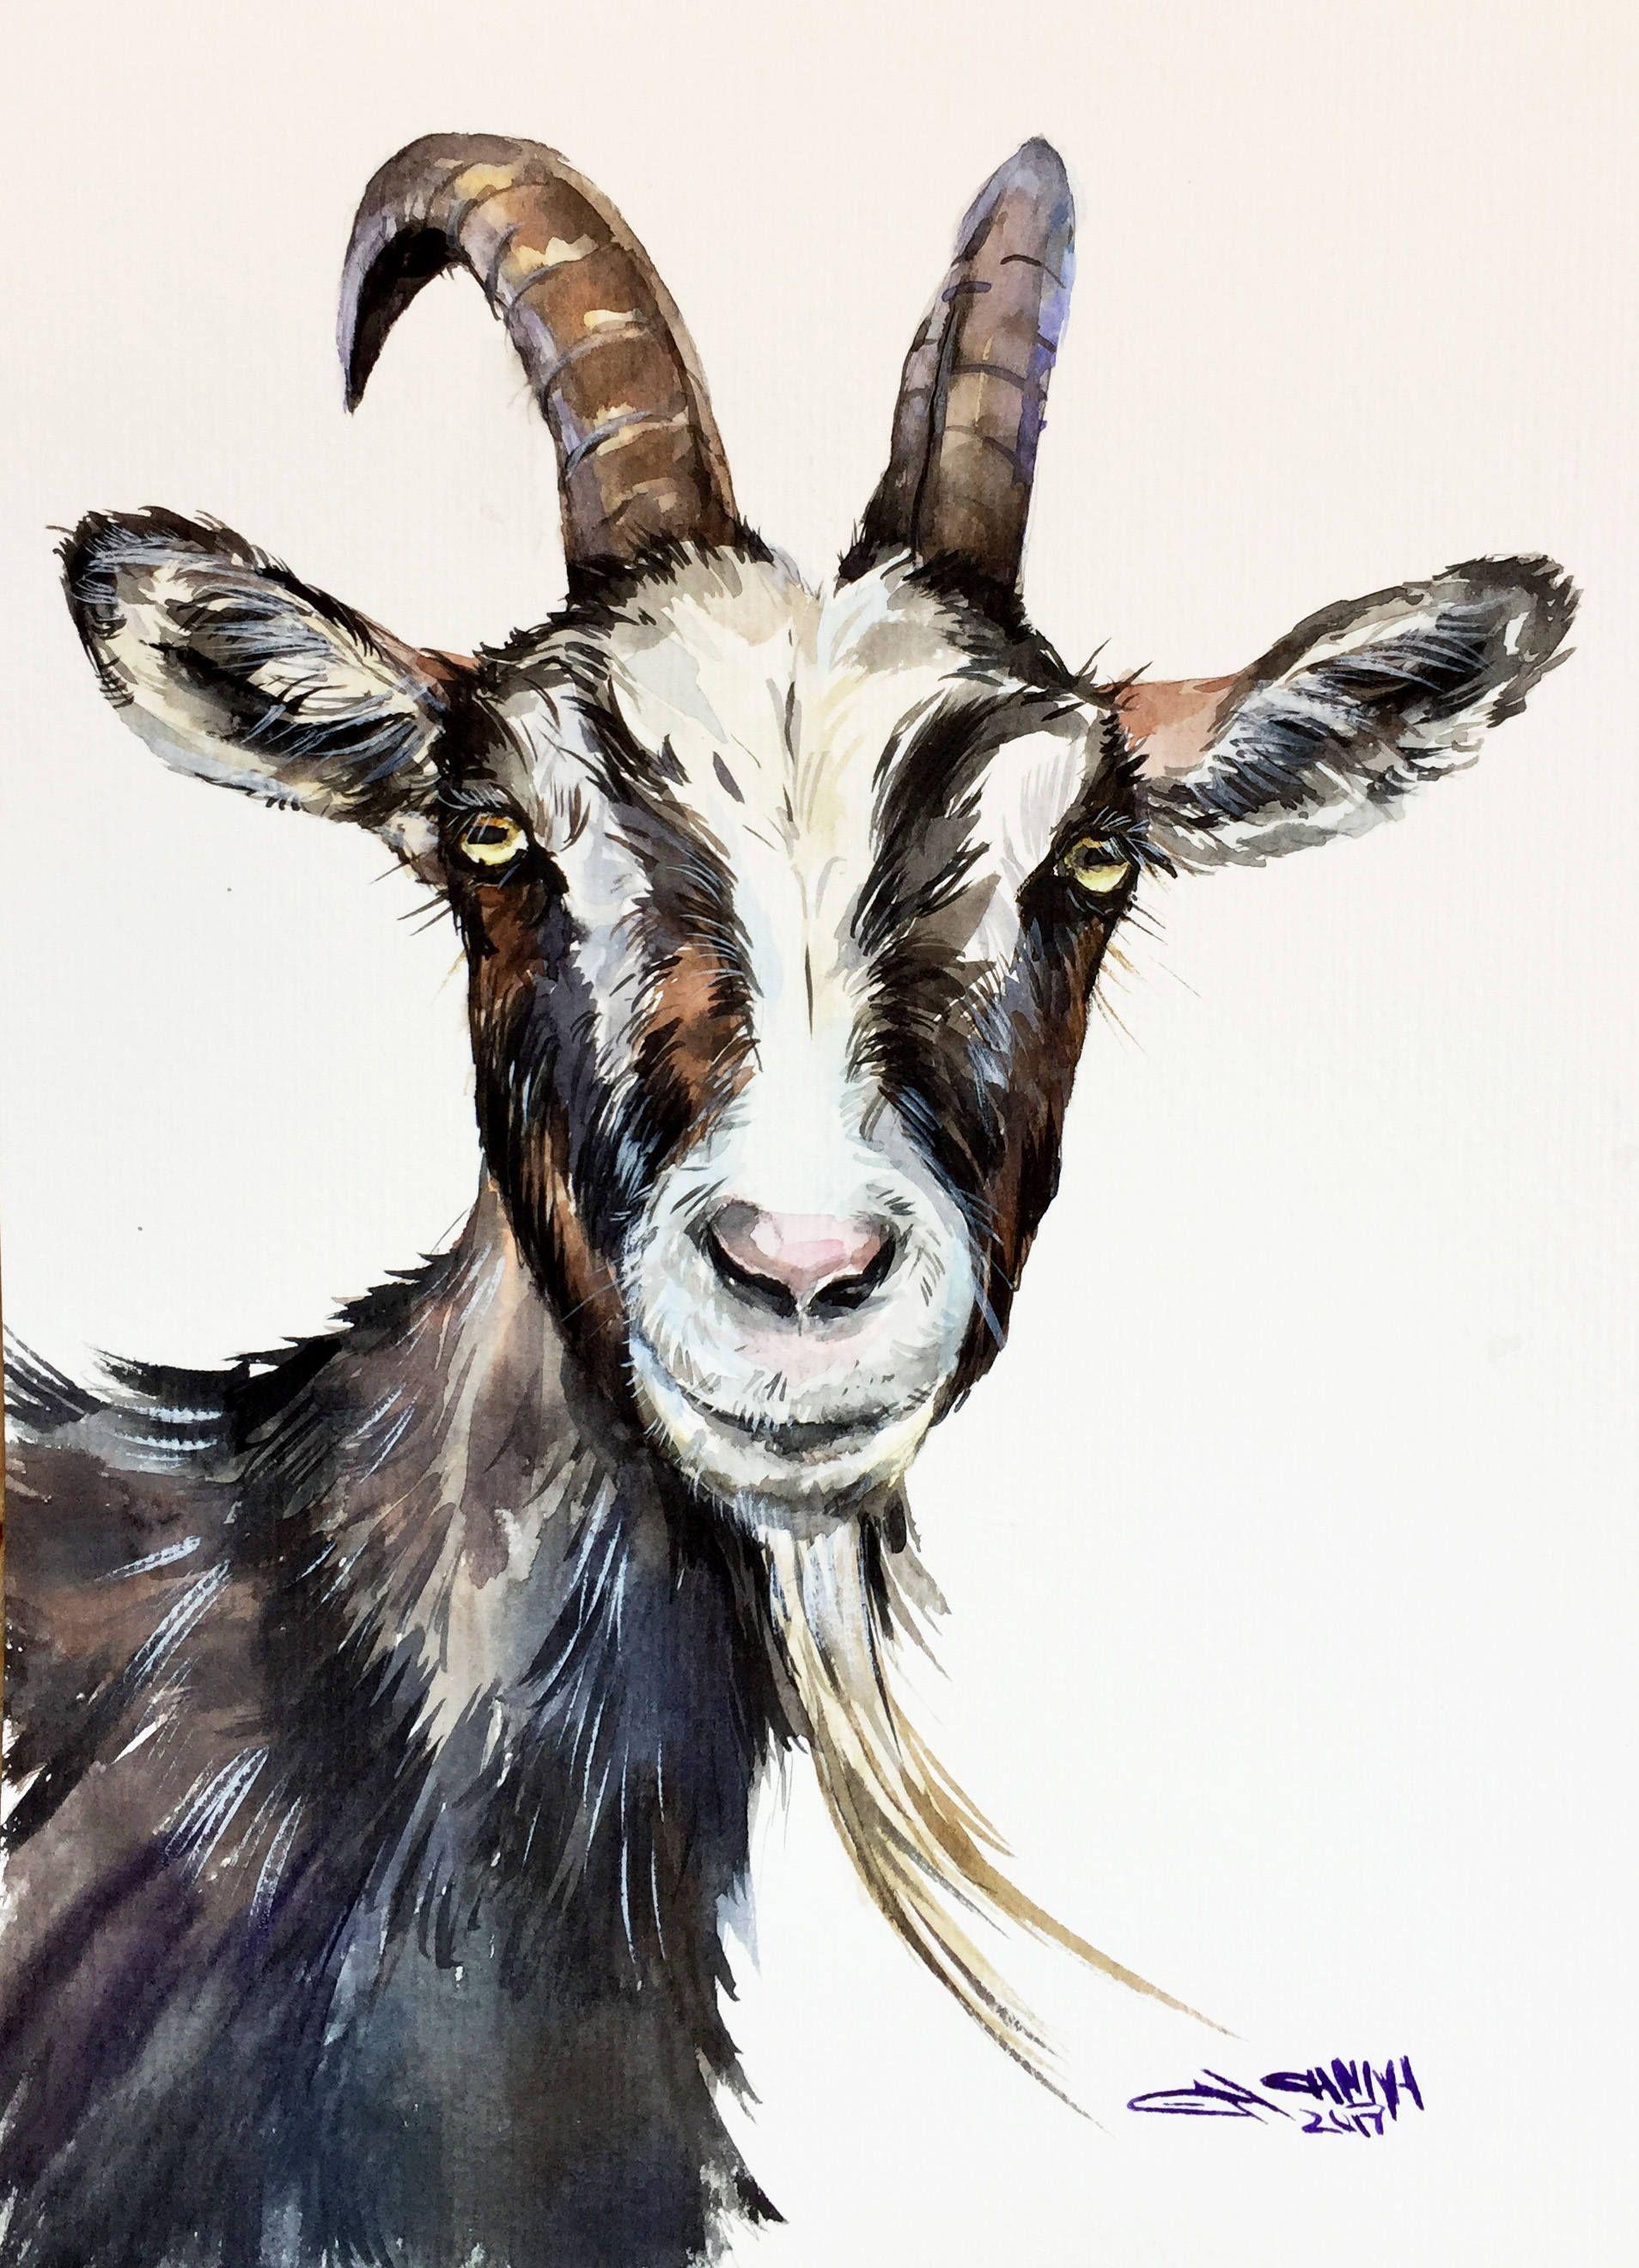 1908x2640 Goat Faced Portrait, Goat Art, Farm Animal Portrait, Goat Decor